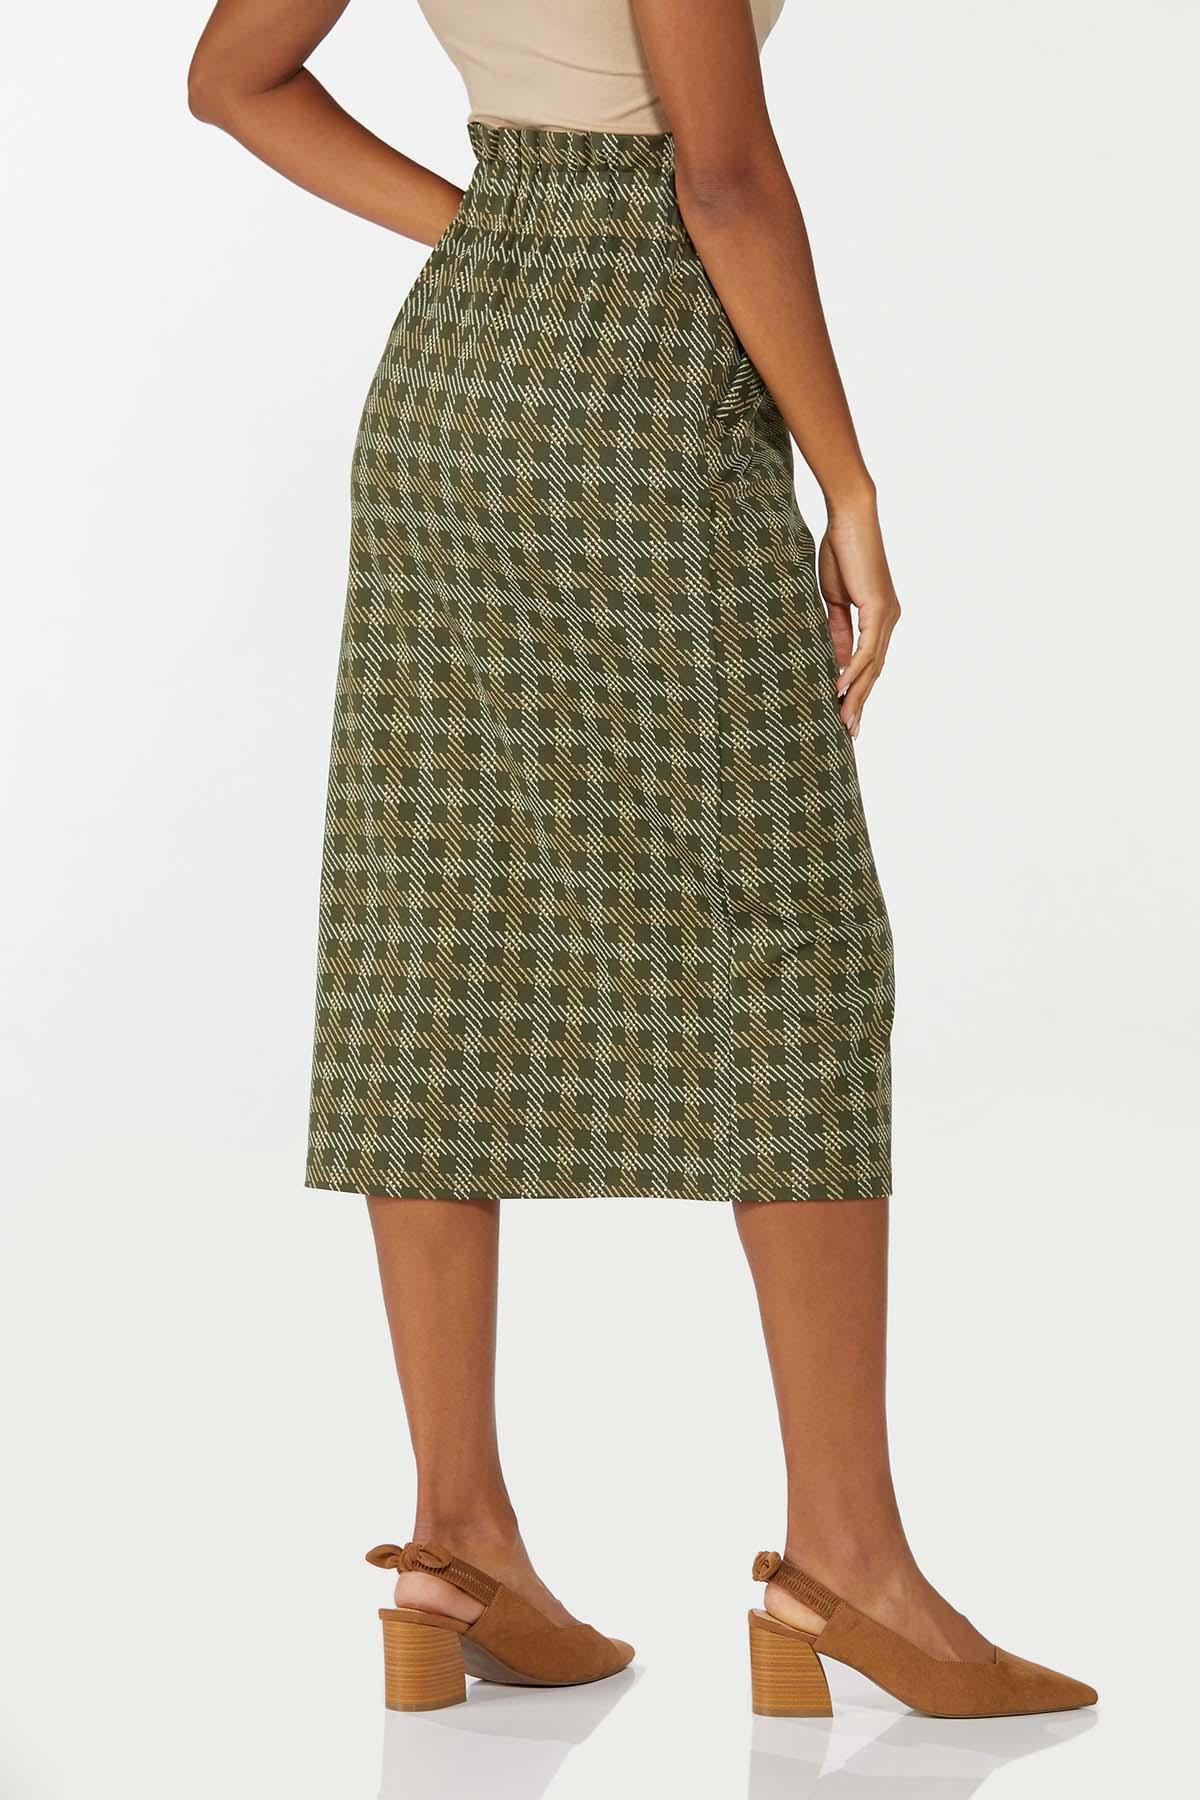 Ruffled Plaid Pencil Skirt (Item #44697011)